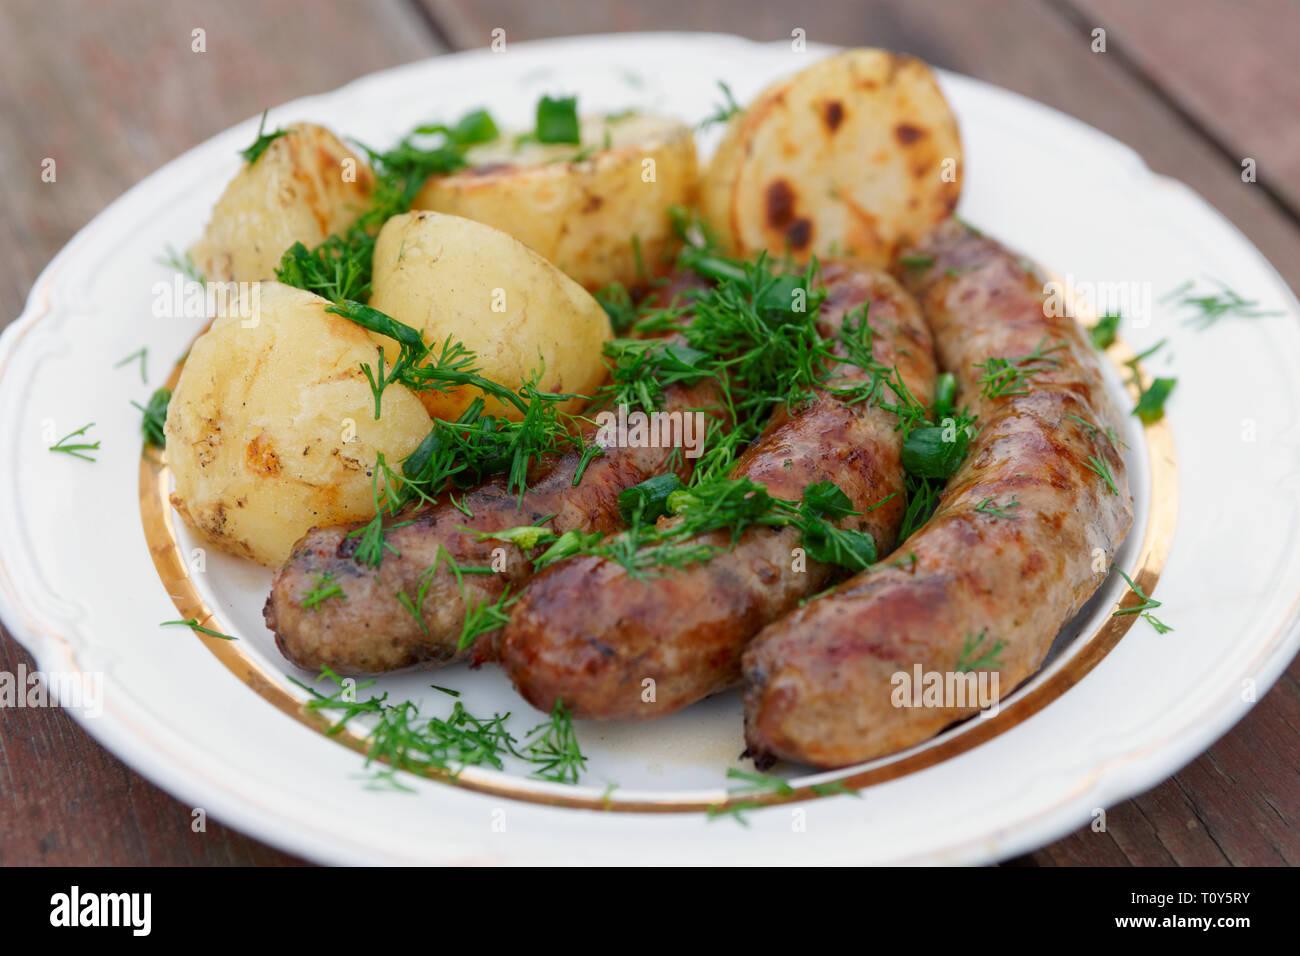 Saucisses grillées et de pommes de terre sur la plaque, close-up Banque D'Images